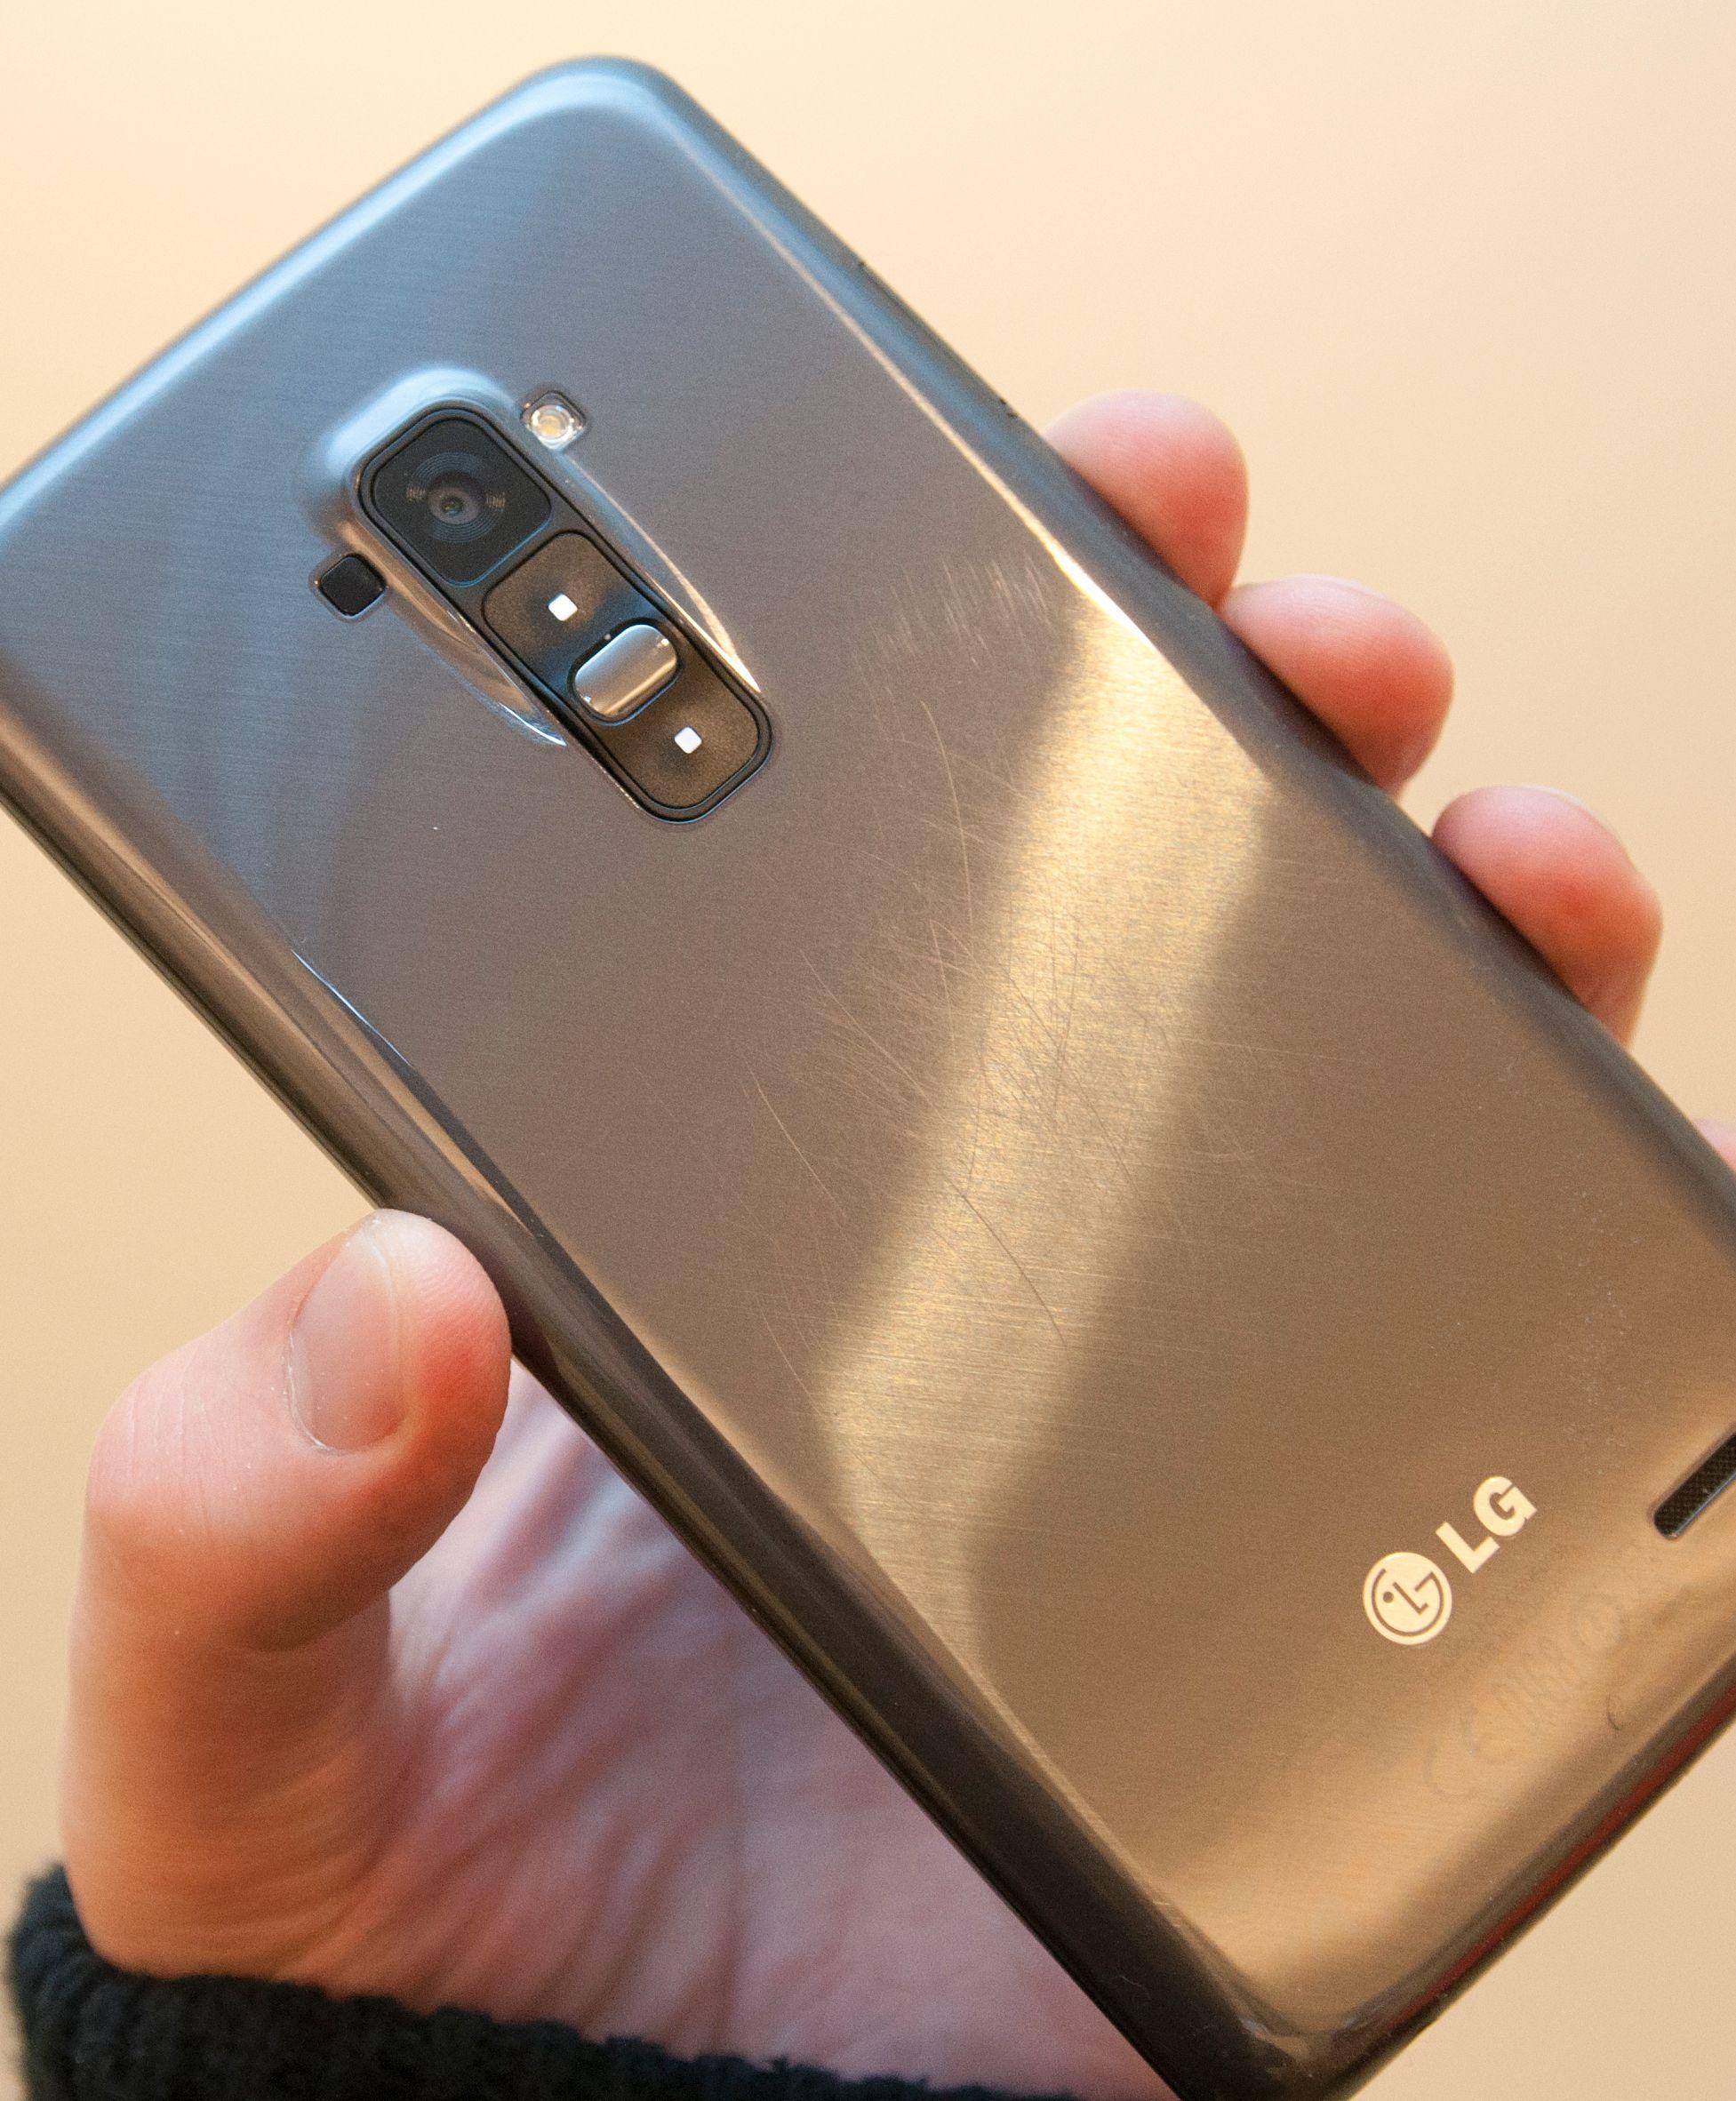 Etter litt skraping fremstår telefonen slik på baksiden. Det er mulig at noen av skrapene er for dype til å bli bedre av seg selv, men vi registrerer at også de lette skrapene ser ut til å bli værende.Foto: Finn Jarle Kvalheim, Amobil.no